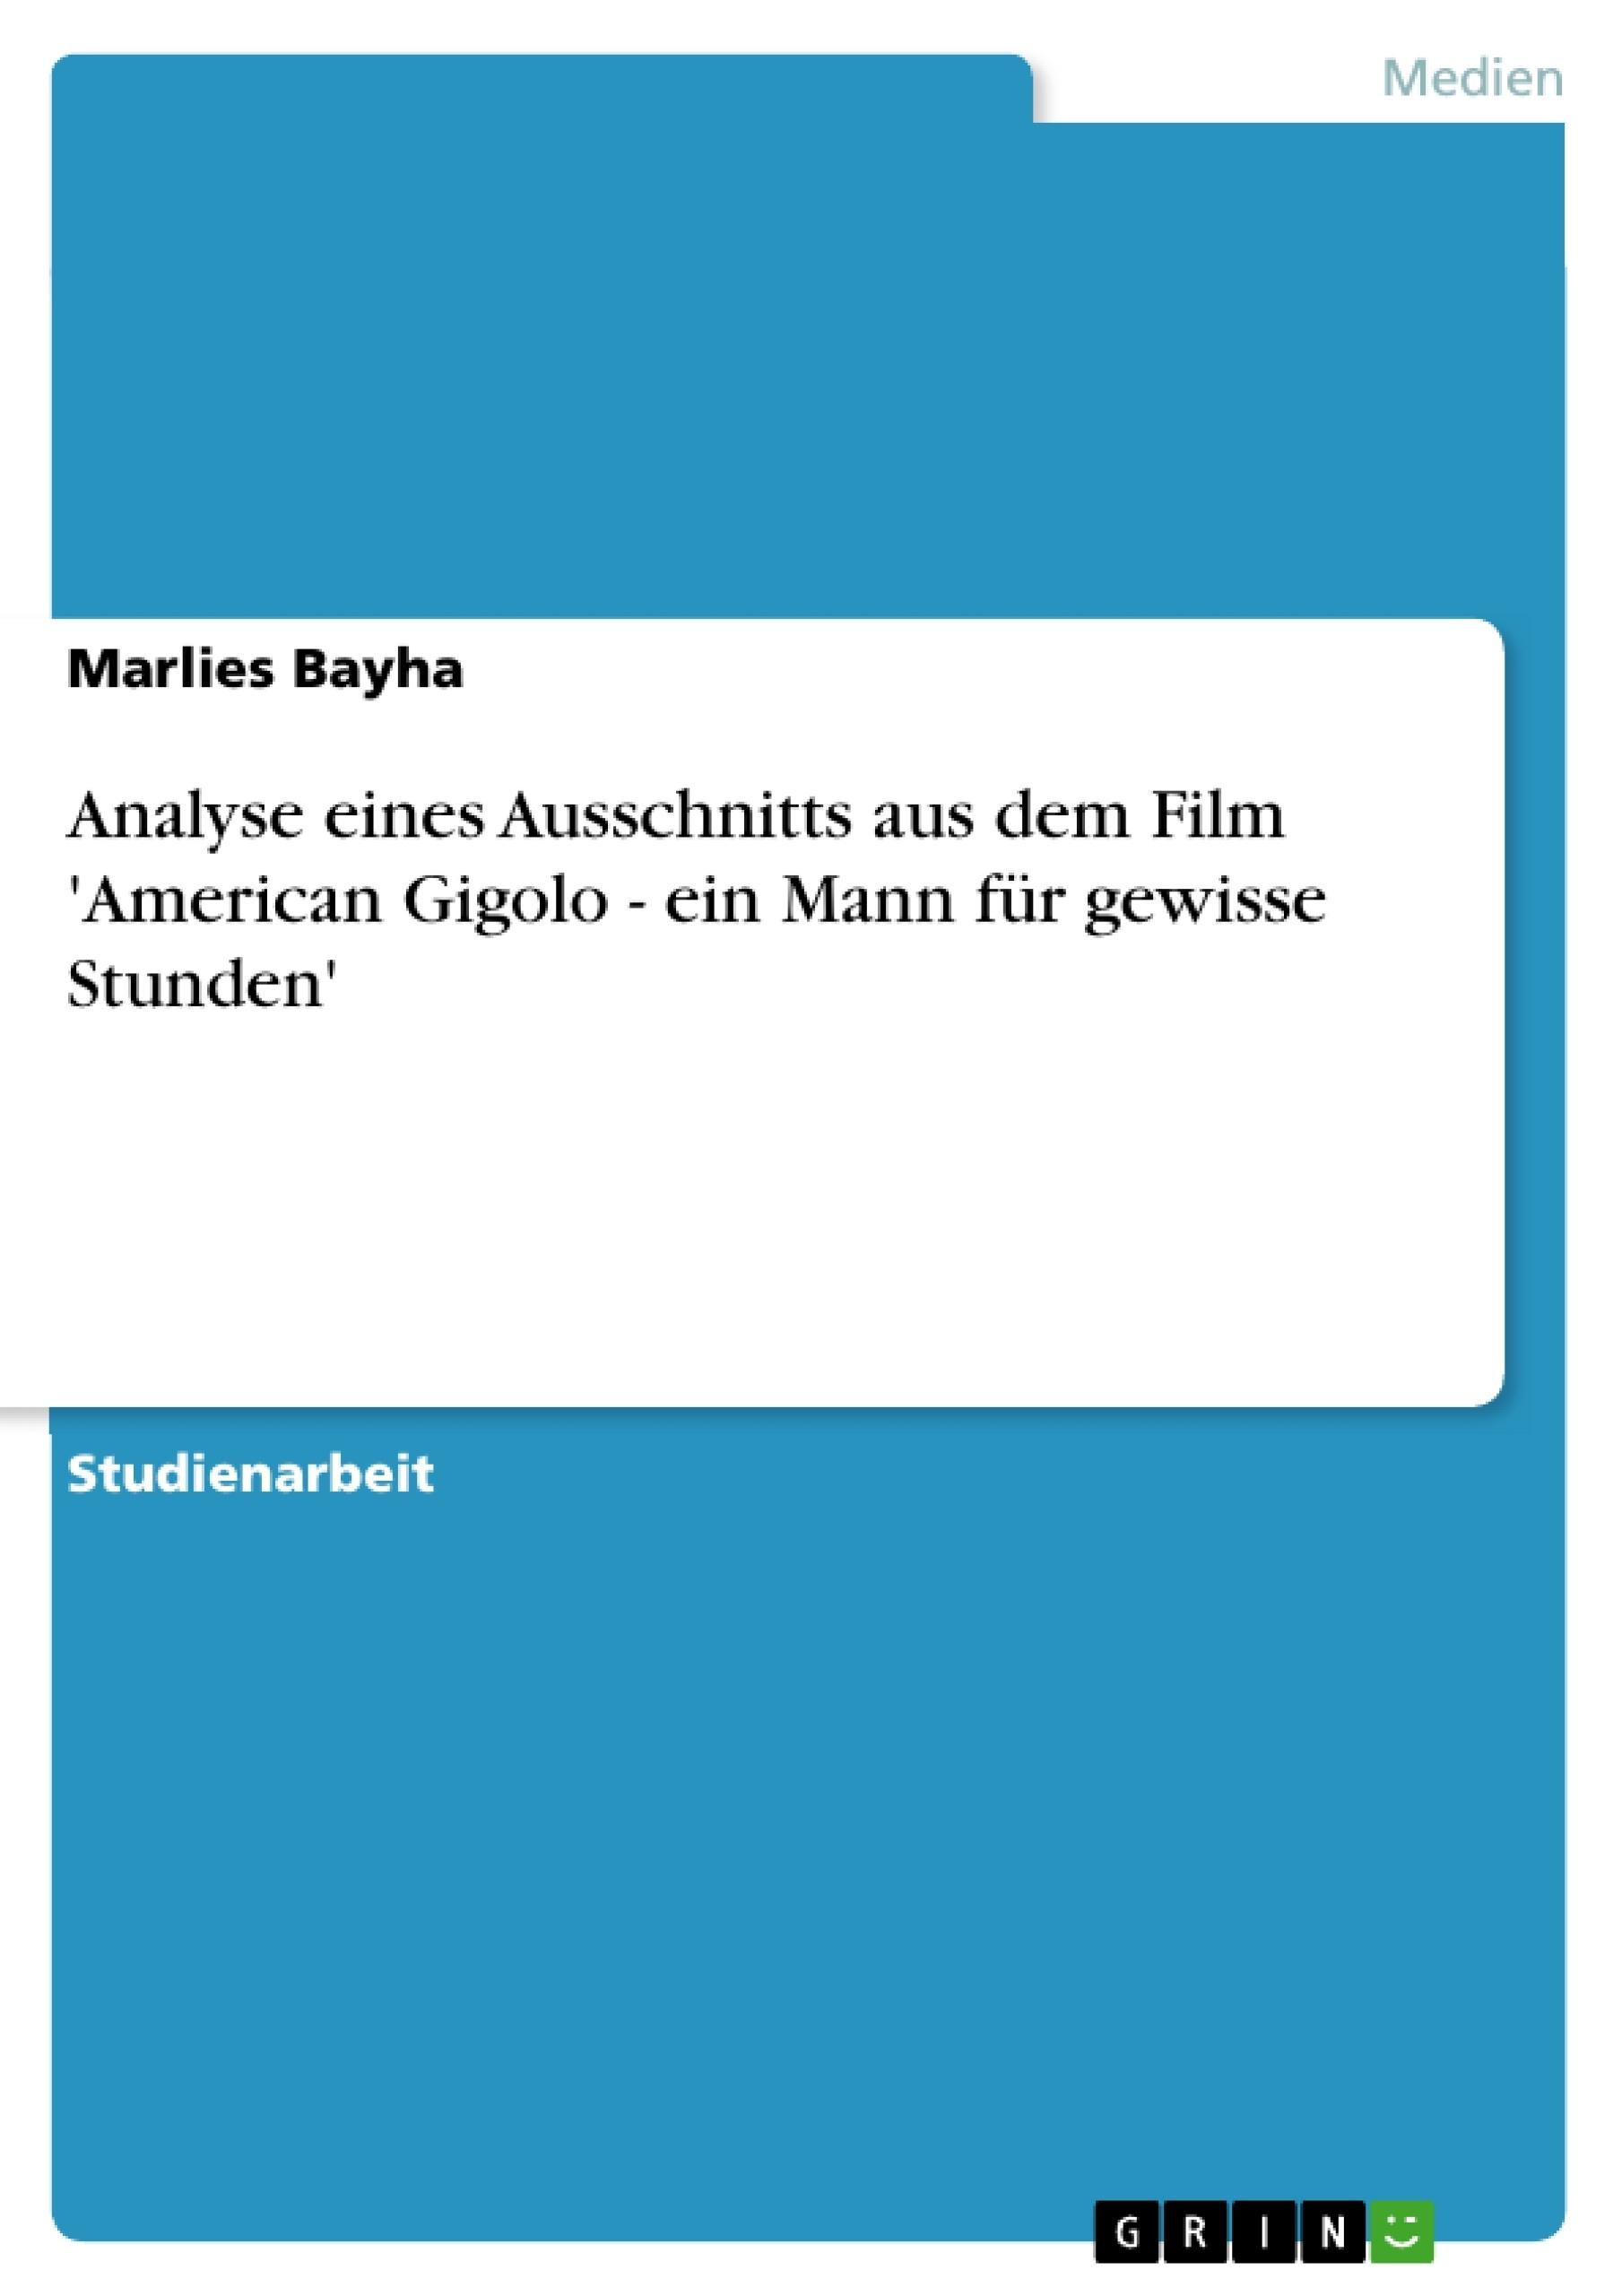 Titel: Analyse eines Ausschnitts aus dem Film 'American Gigolo - ein Mann für gewisse Stunden'